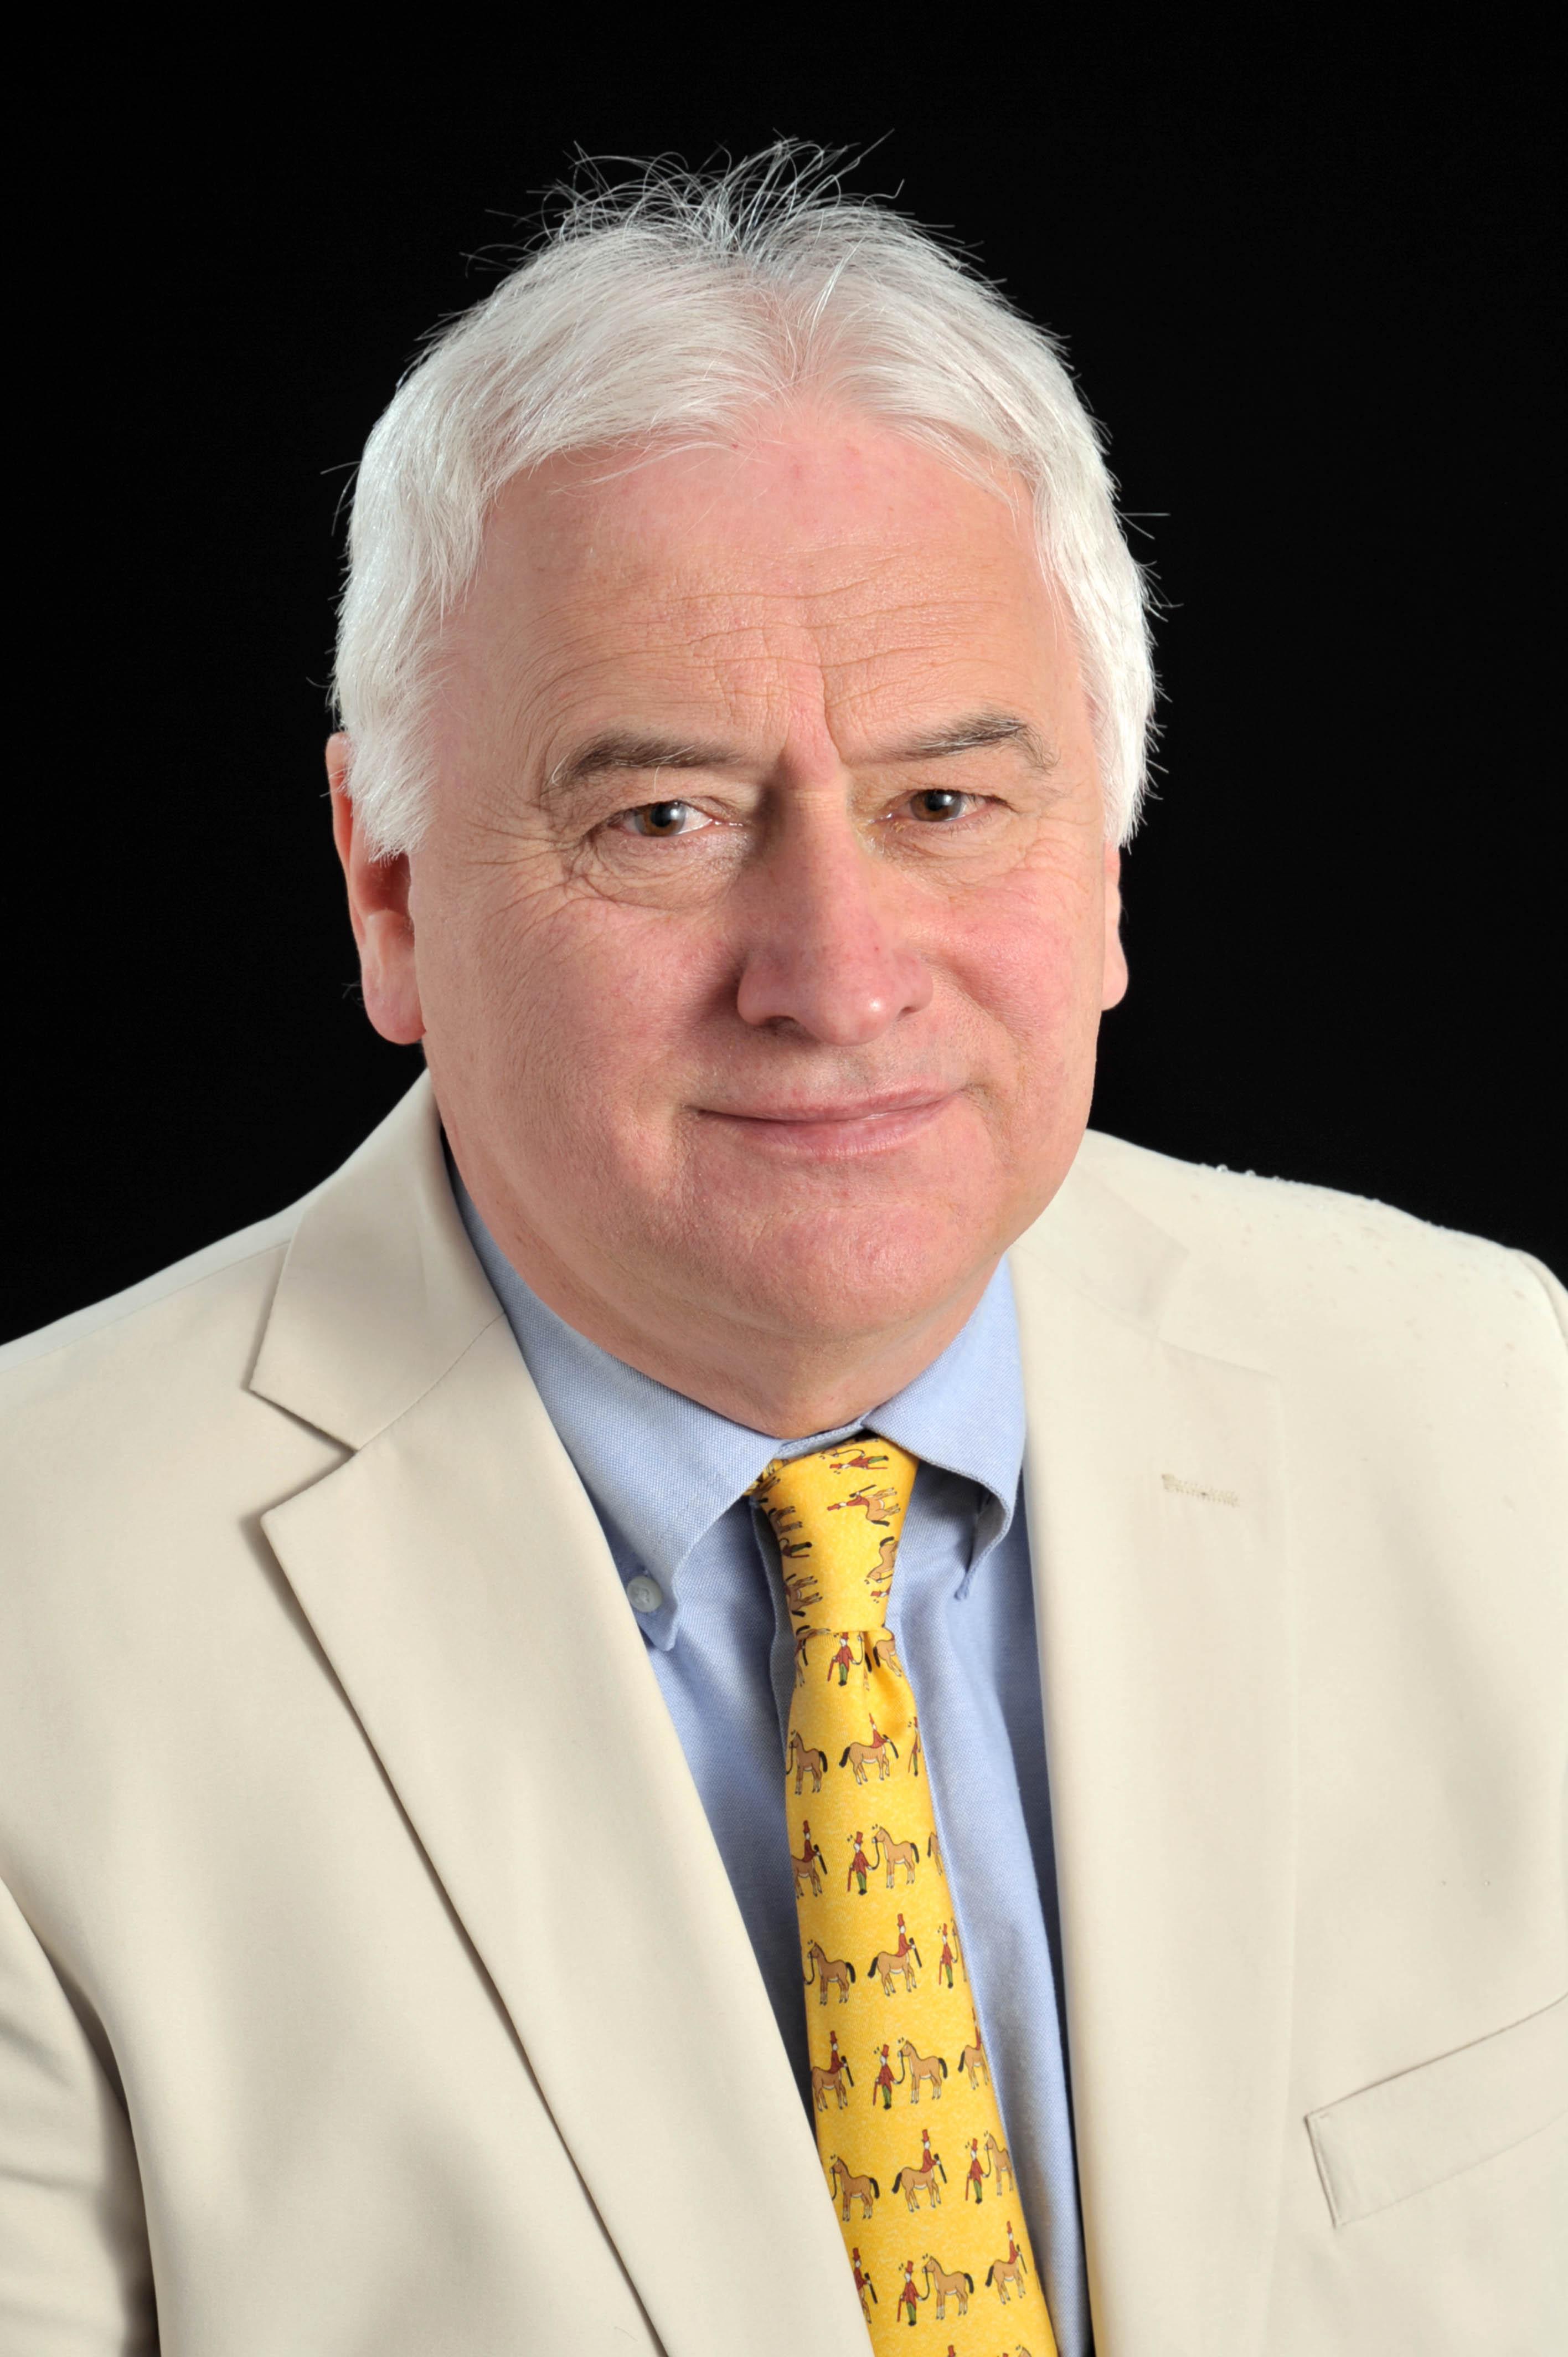 Portrait couleur du professeur Birkinshaw